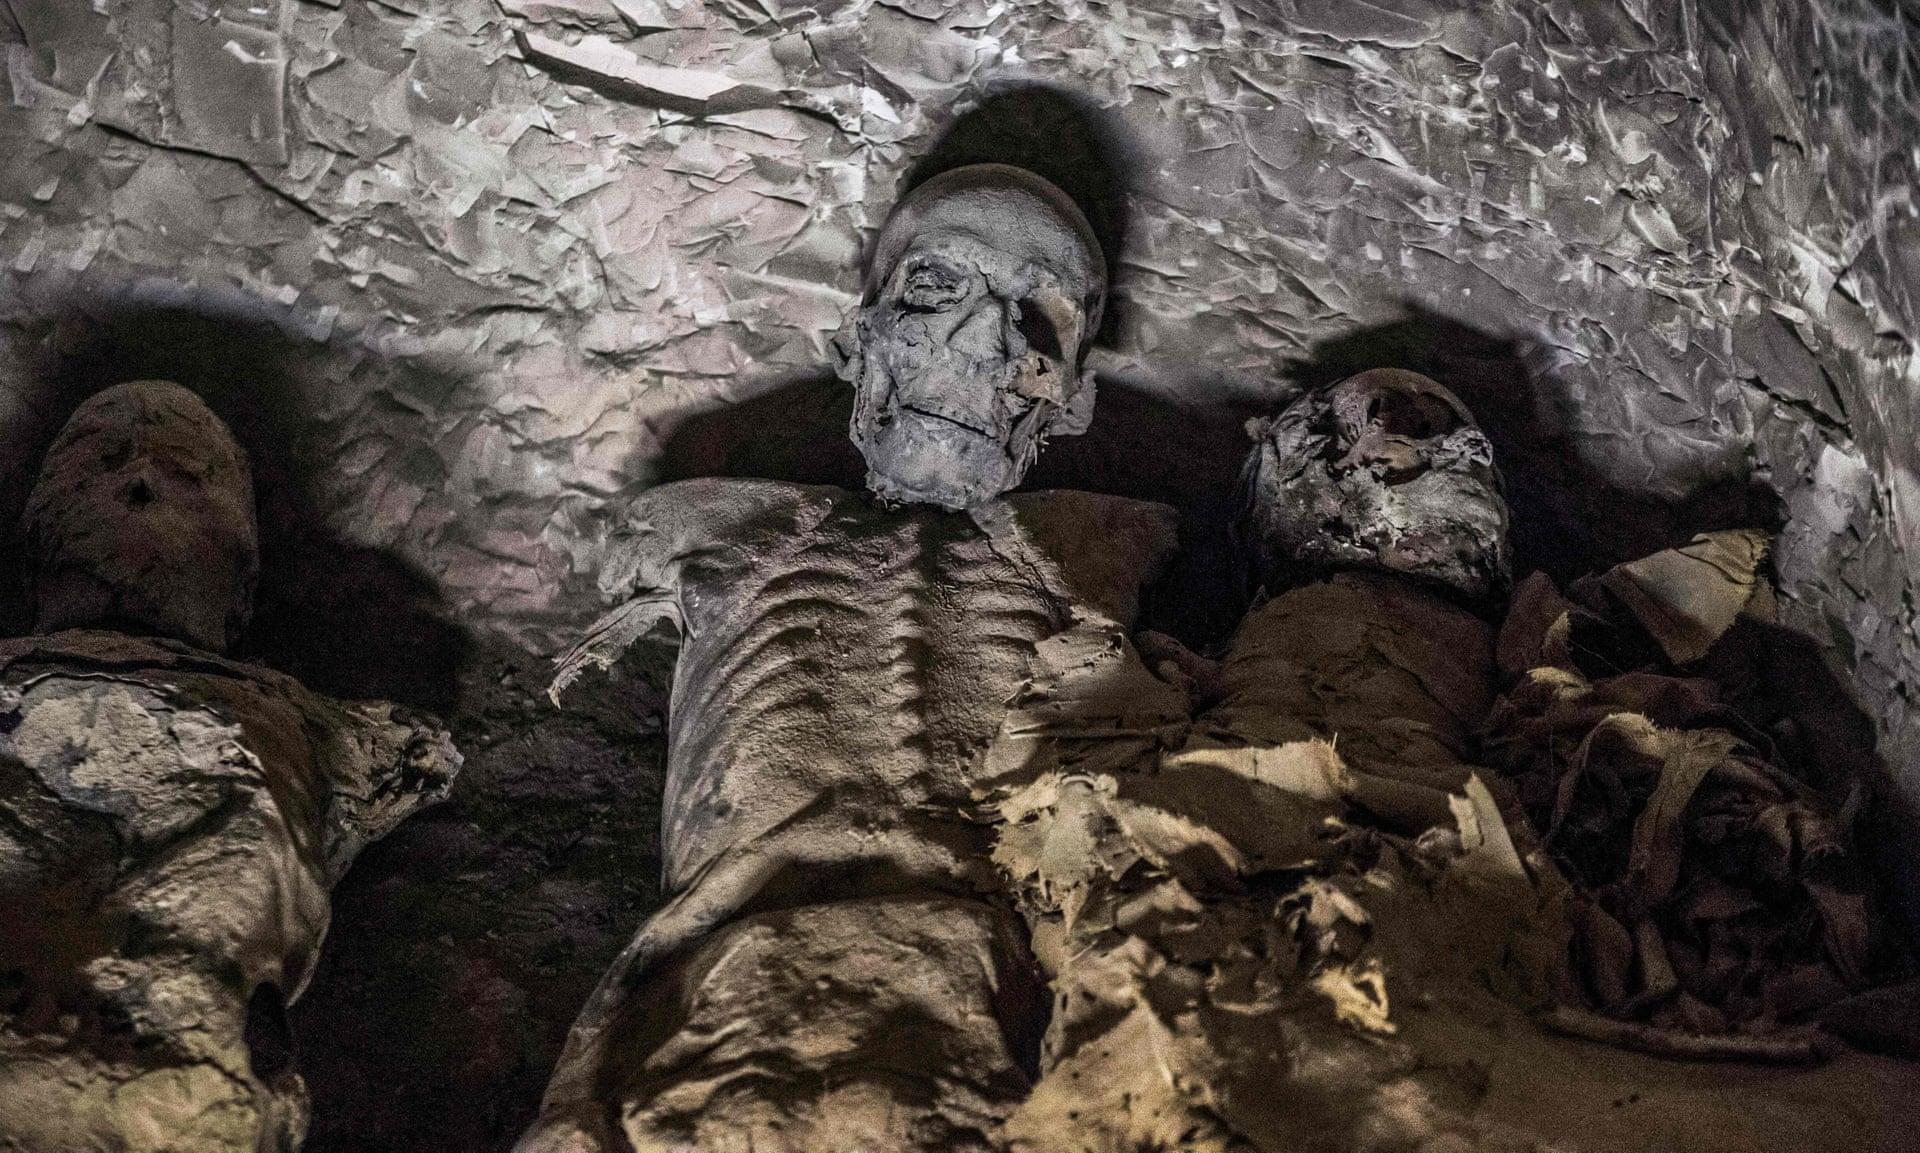 Corpos mumificados